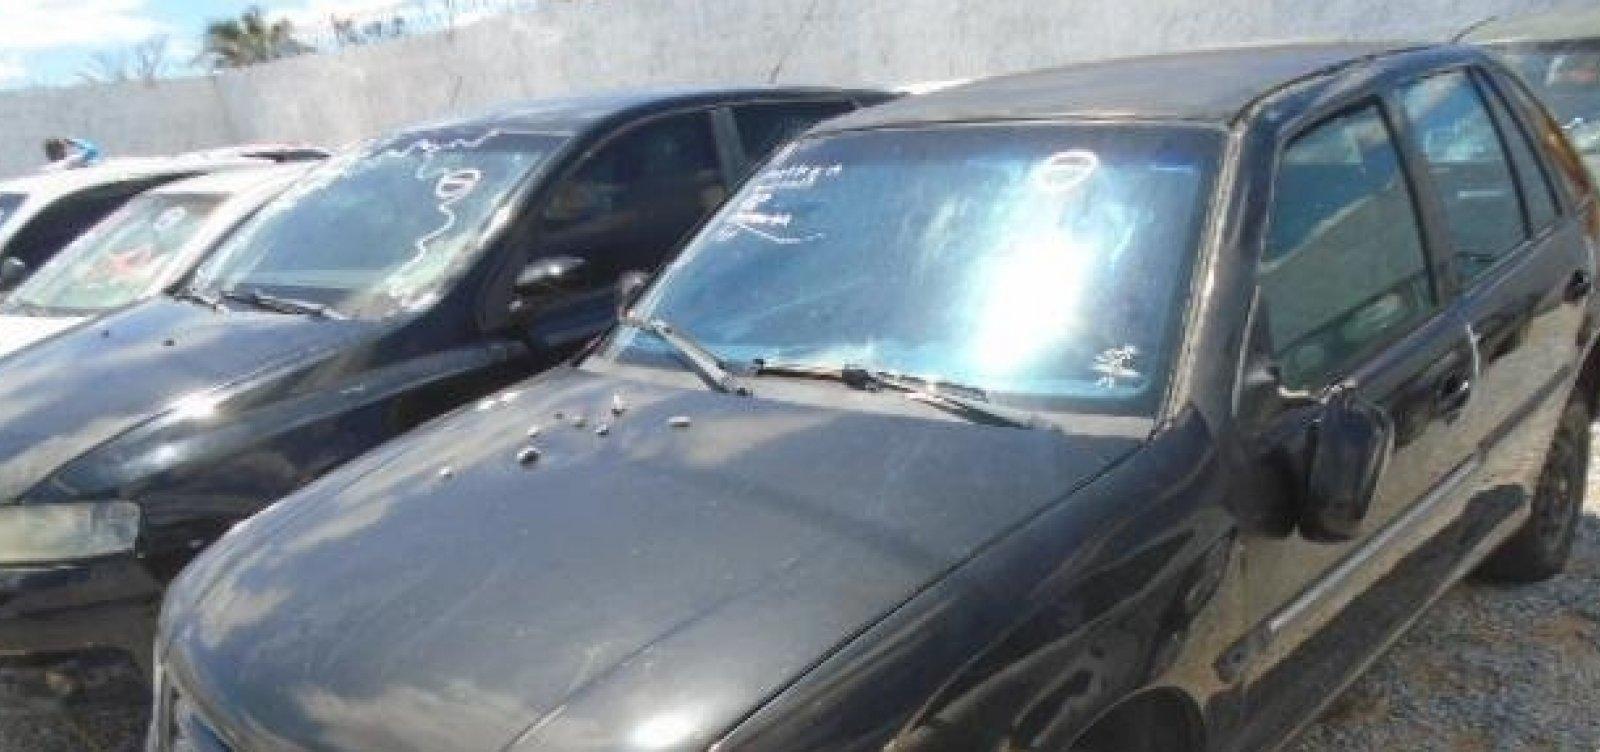 Detran leiloa mais de mil veículos apreendidos no interior da Bahia